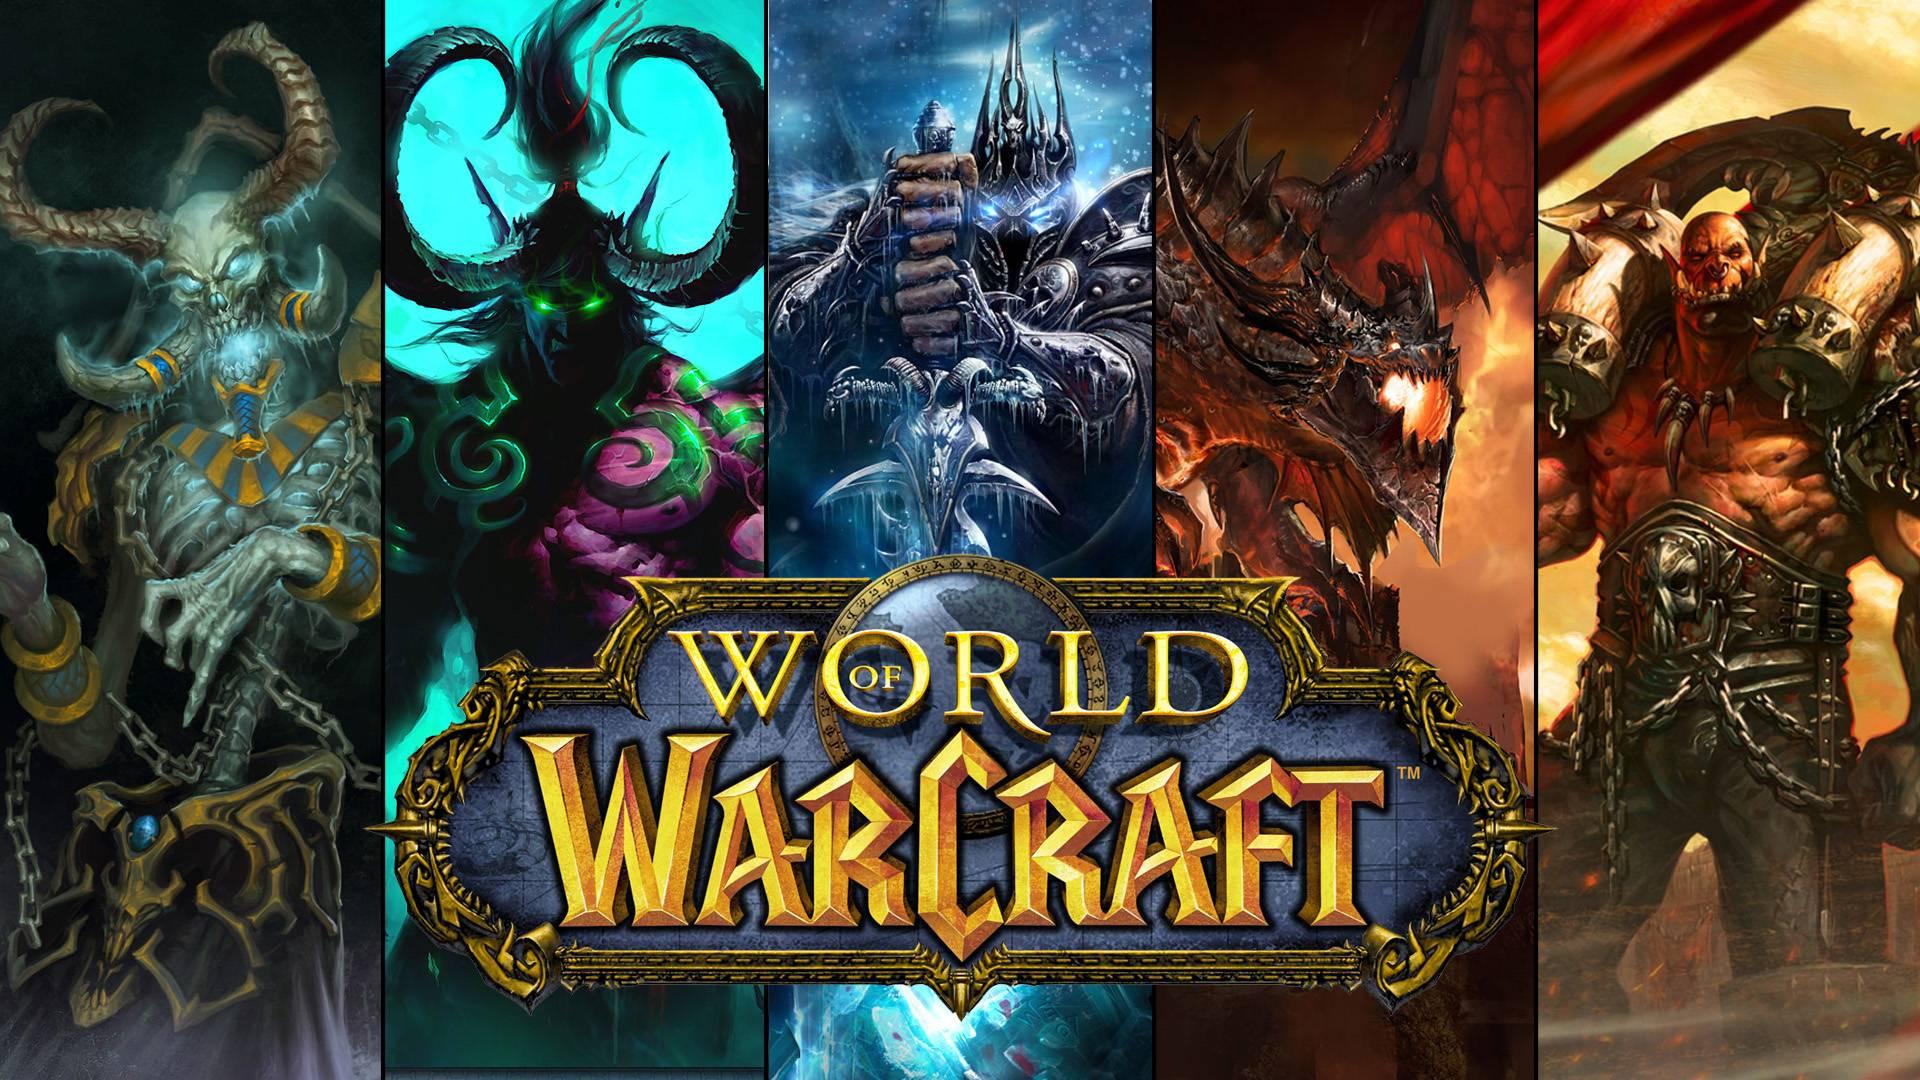 Путешествие по World of Warcraft ... Ночной Эльф. Глава 2. - Изображение 1